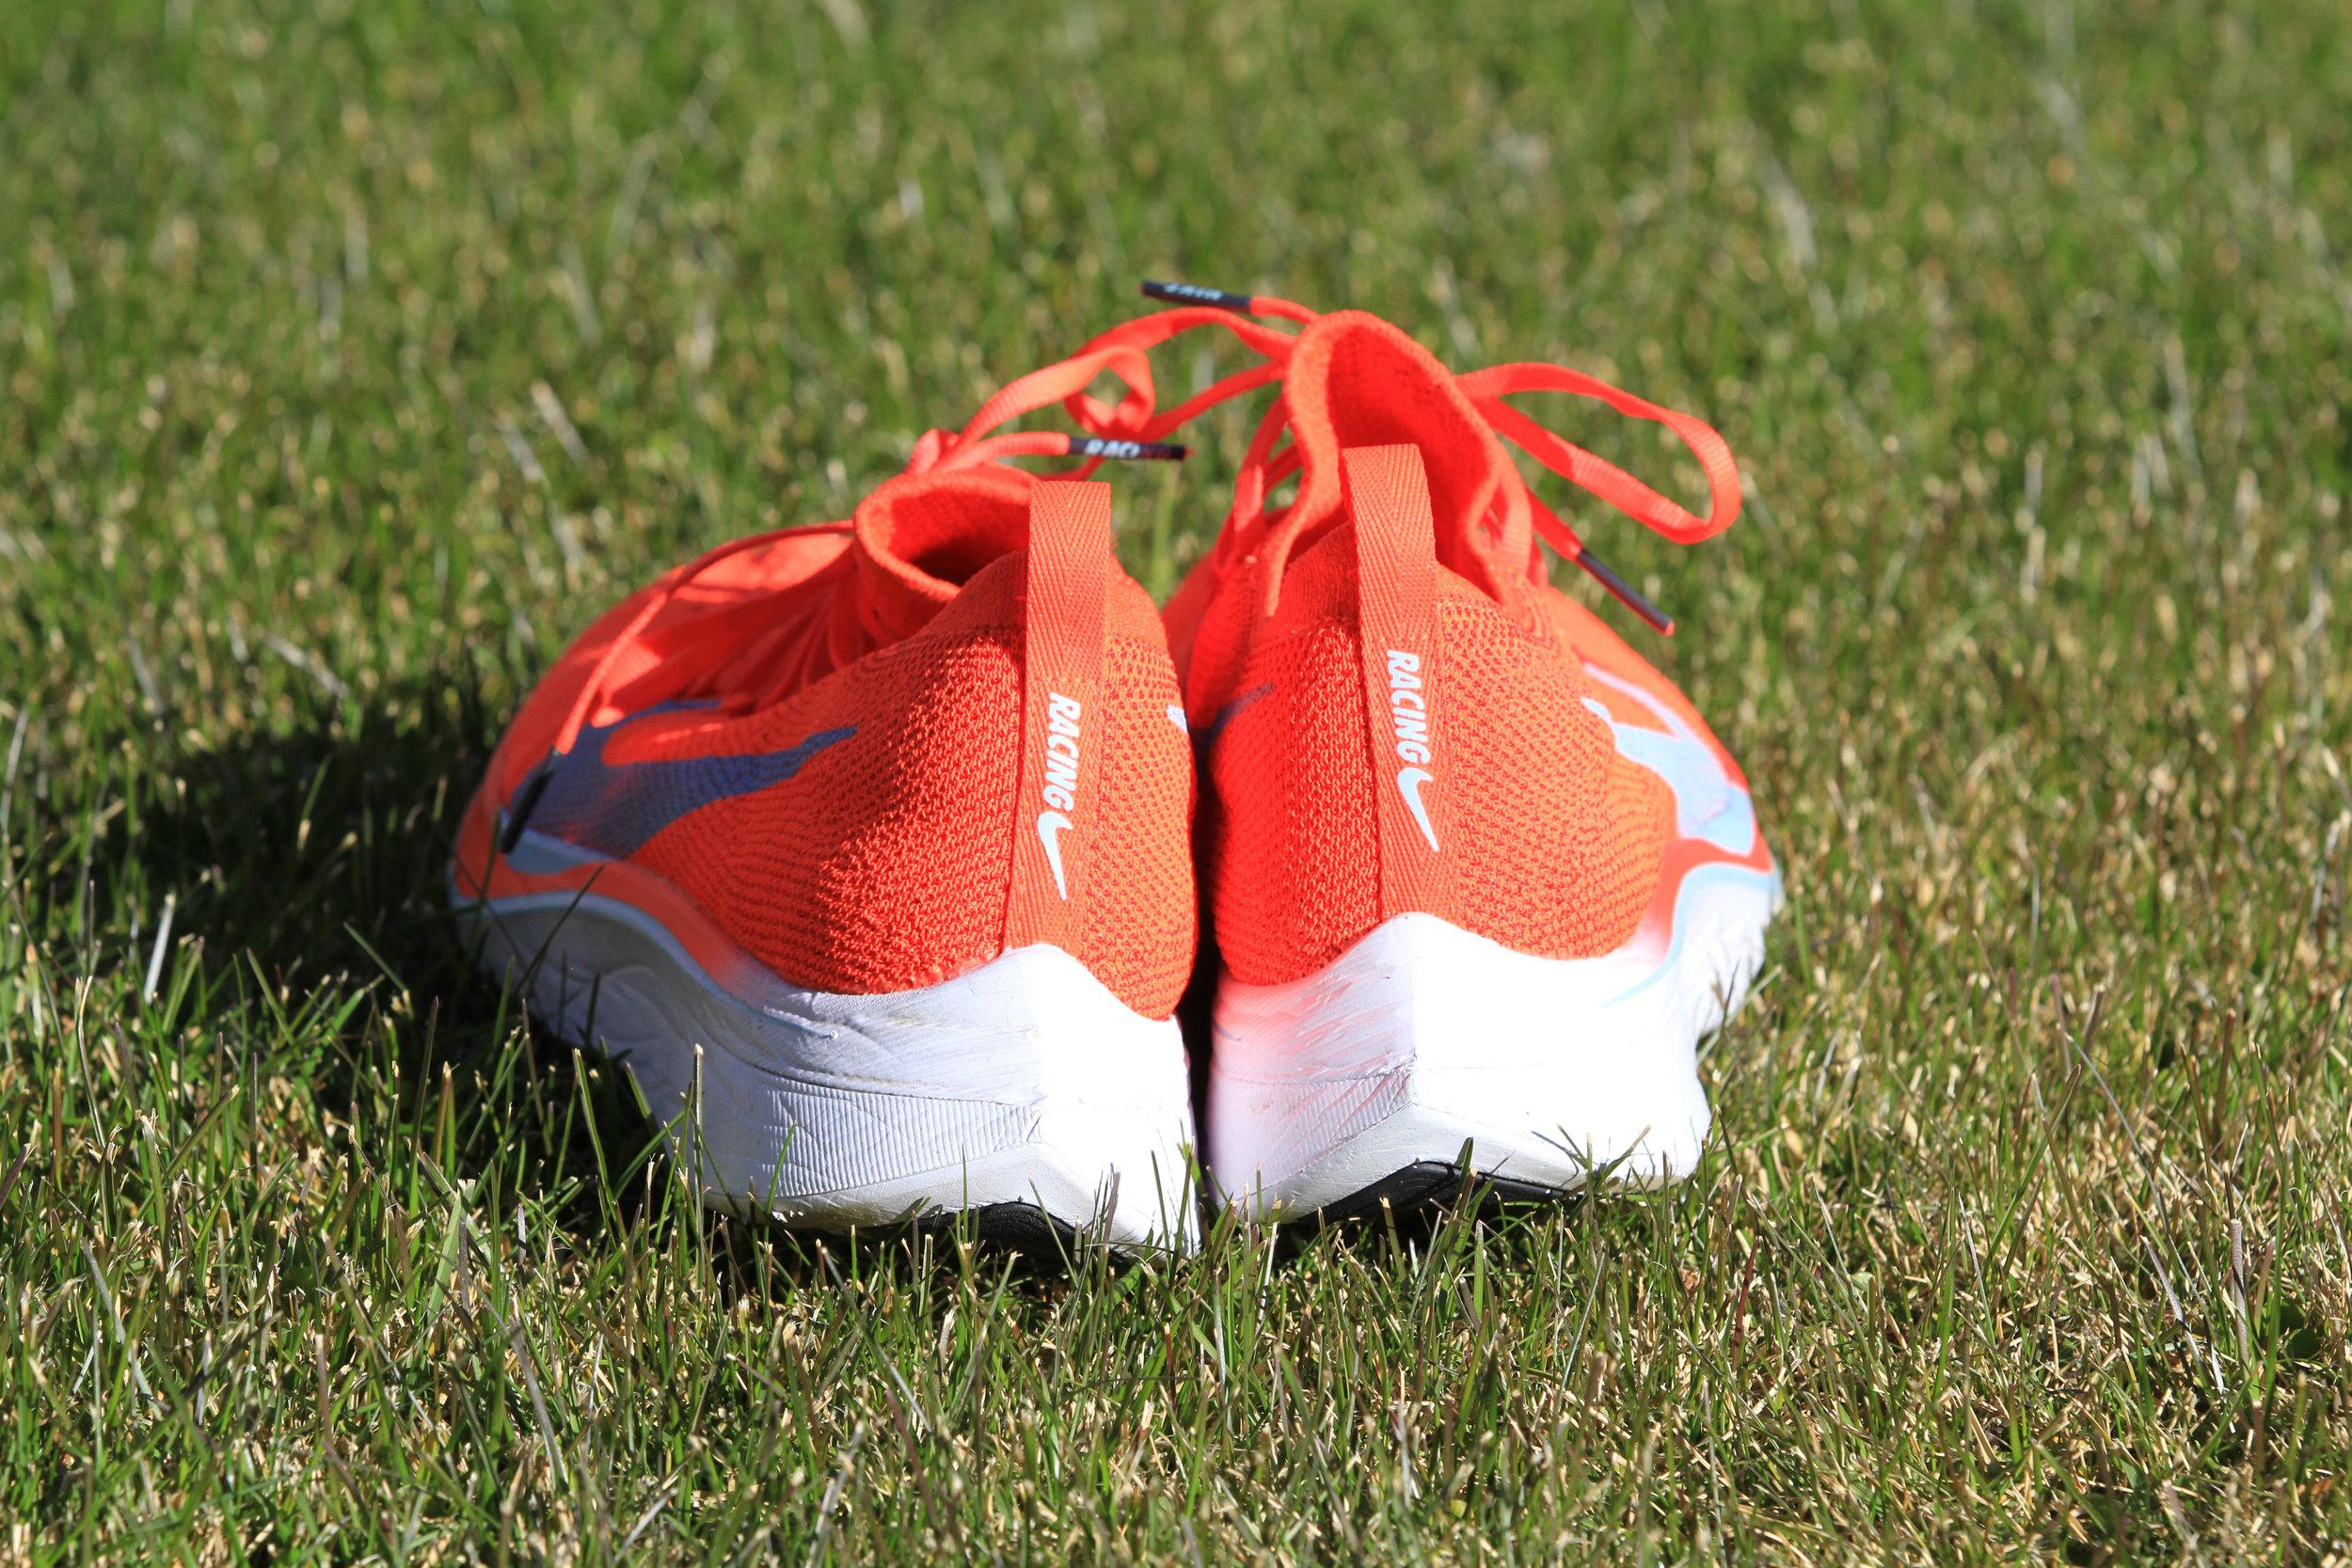 Nike Vaporfly 4% Flyknit-3.jpg